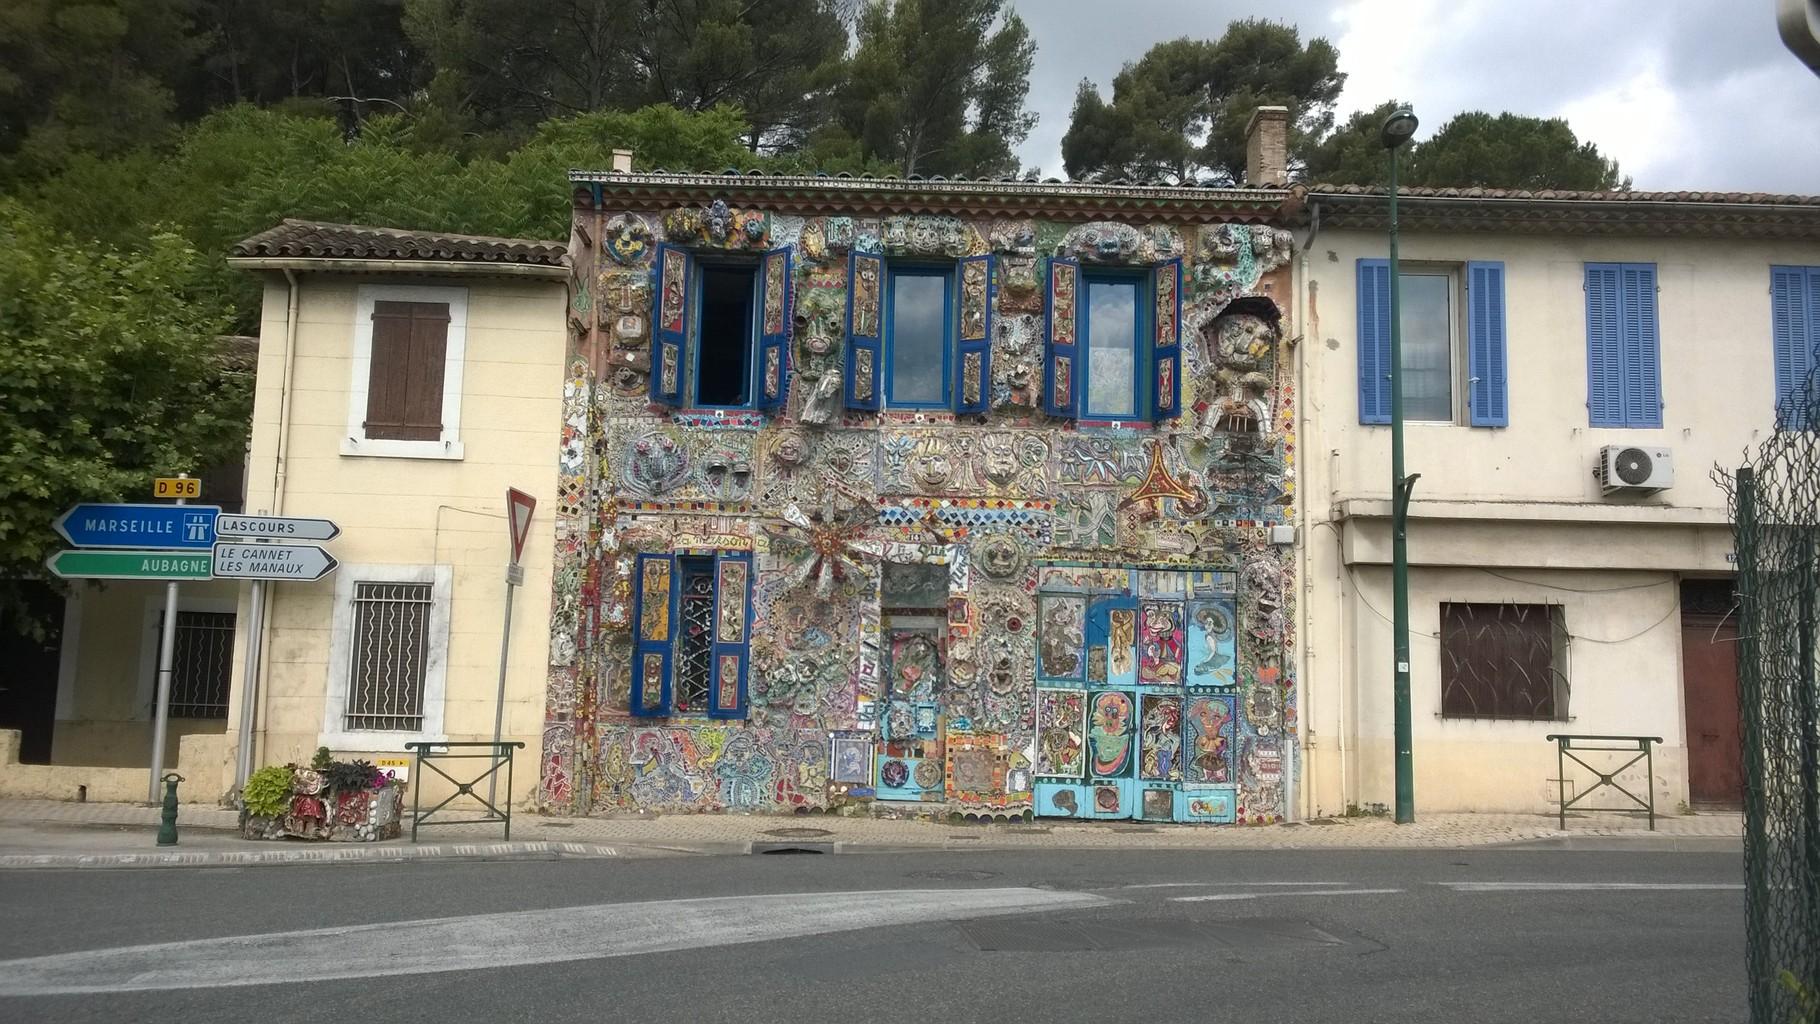 Kunst am Bau auf dem Weg nach Marseille